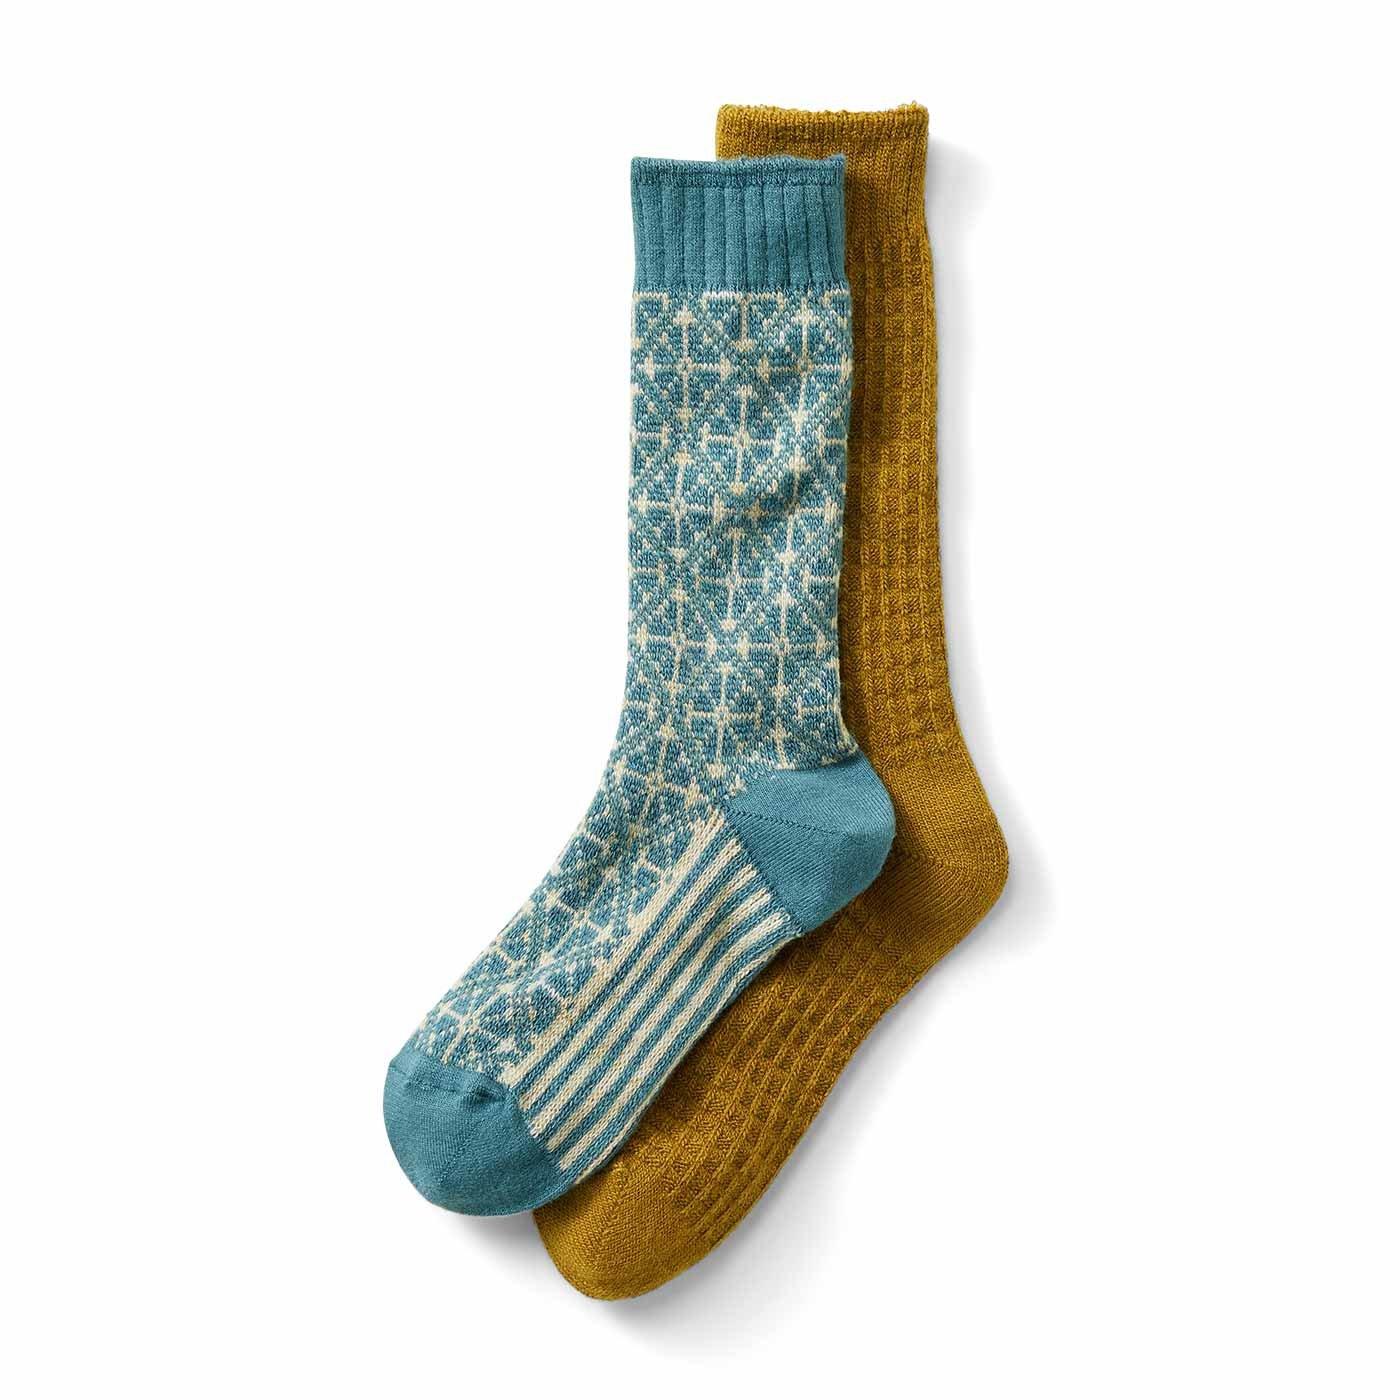 リブ イン コンフォート こっくりカラーのワッフル編みとノルディック柄のソックスセットの会